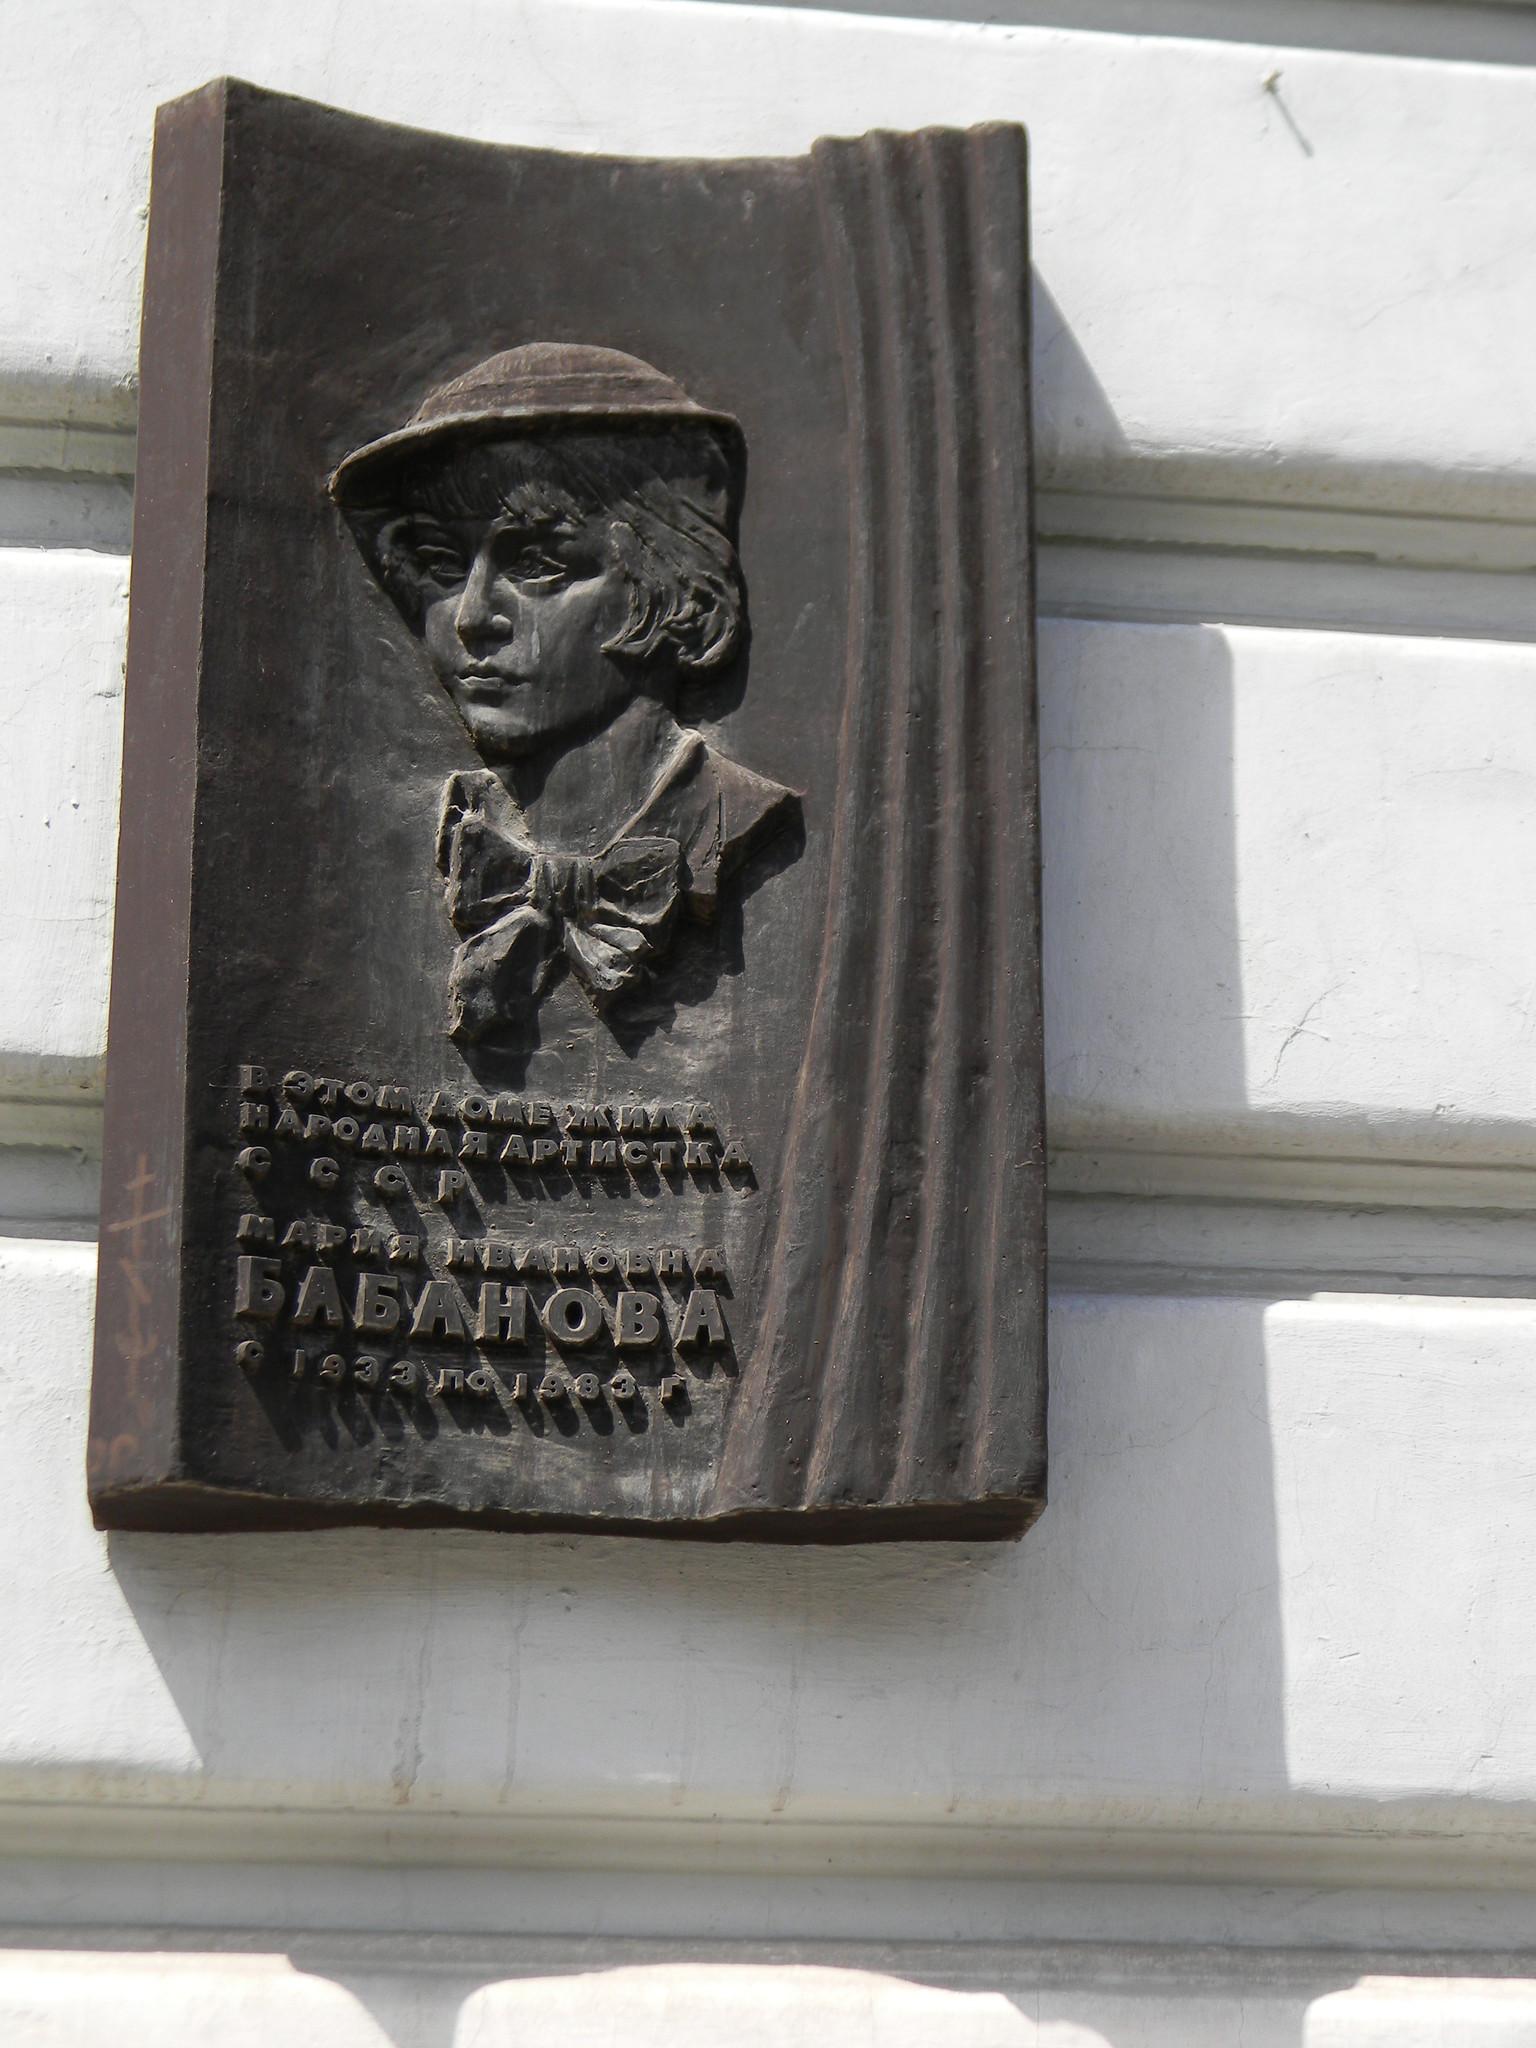 Памятная доска на фасаде дома (Петровский переулок, дом 5), где в квартире 79 с 1933 года по 1983 год жила Народная артистка СССР Мария Ивановна Бабанова